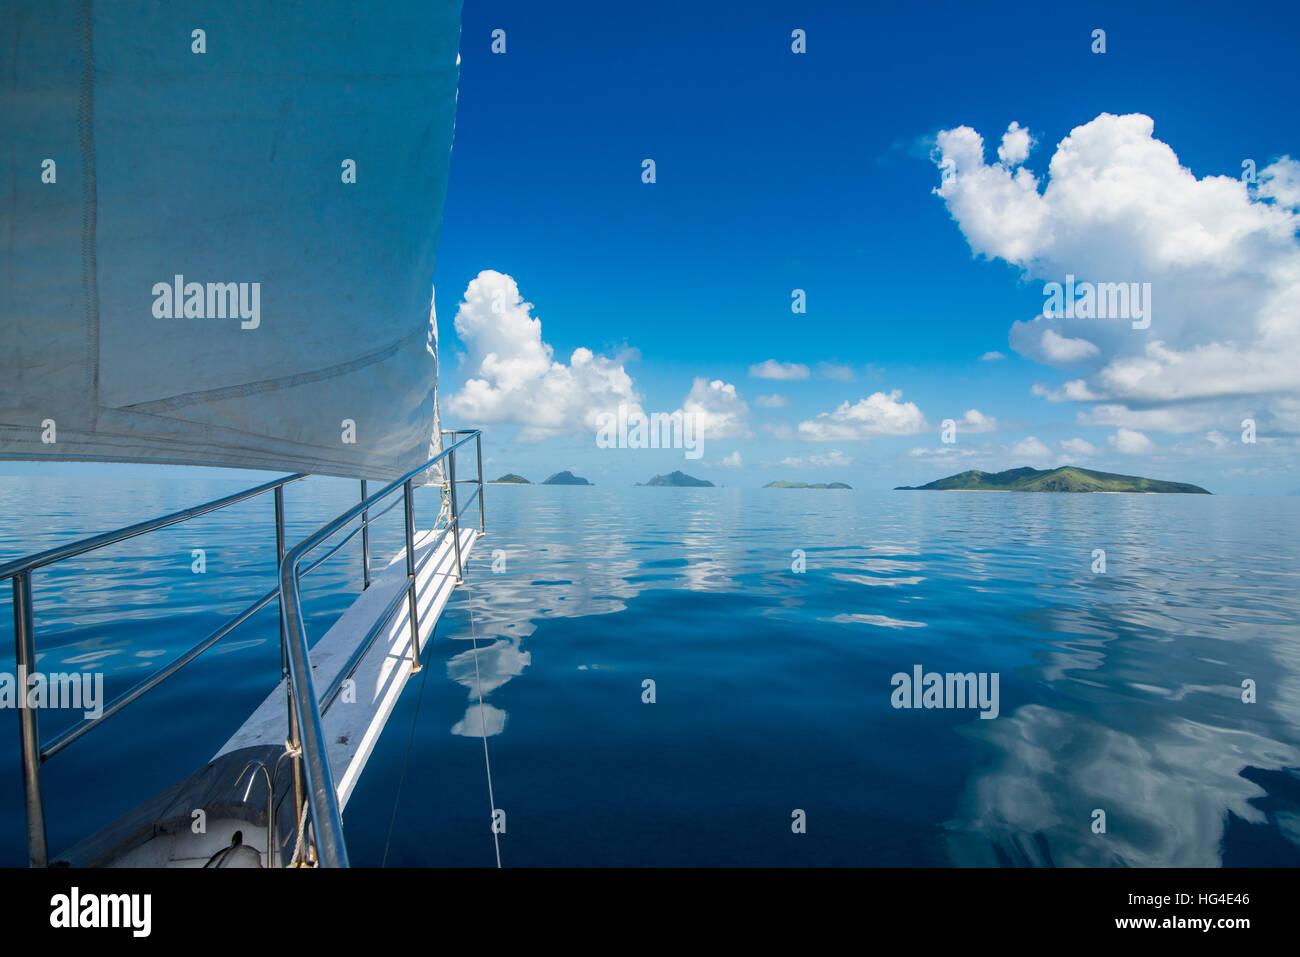 Navega en aguas muy plana de las islas Mamanuca, Fiji, Pacífico Sur Imagen De Stock